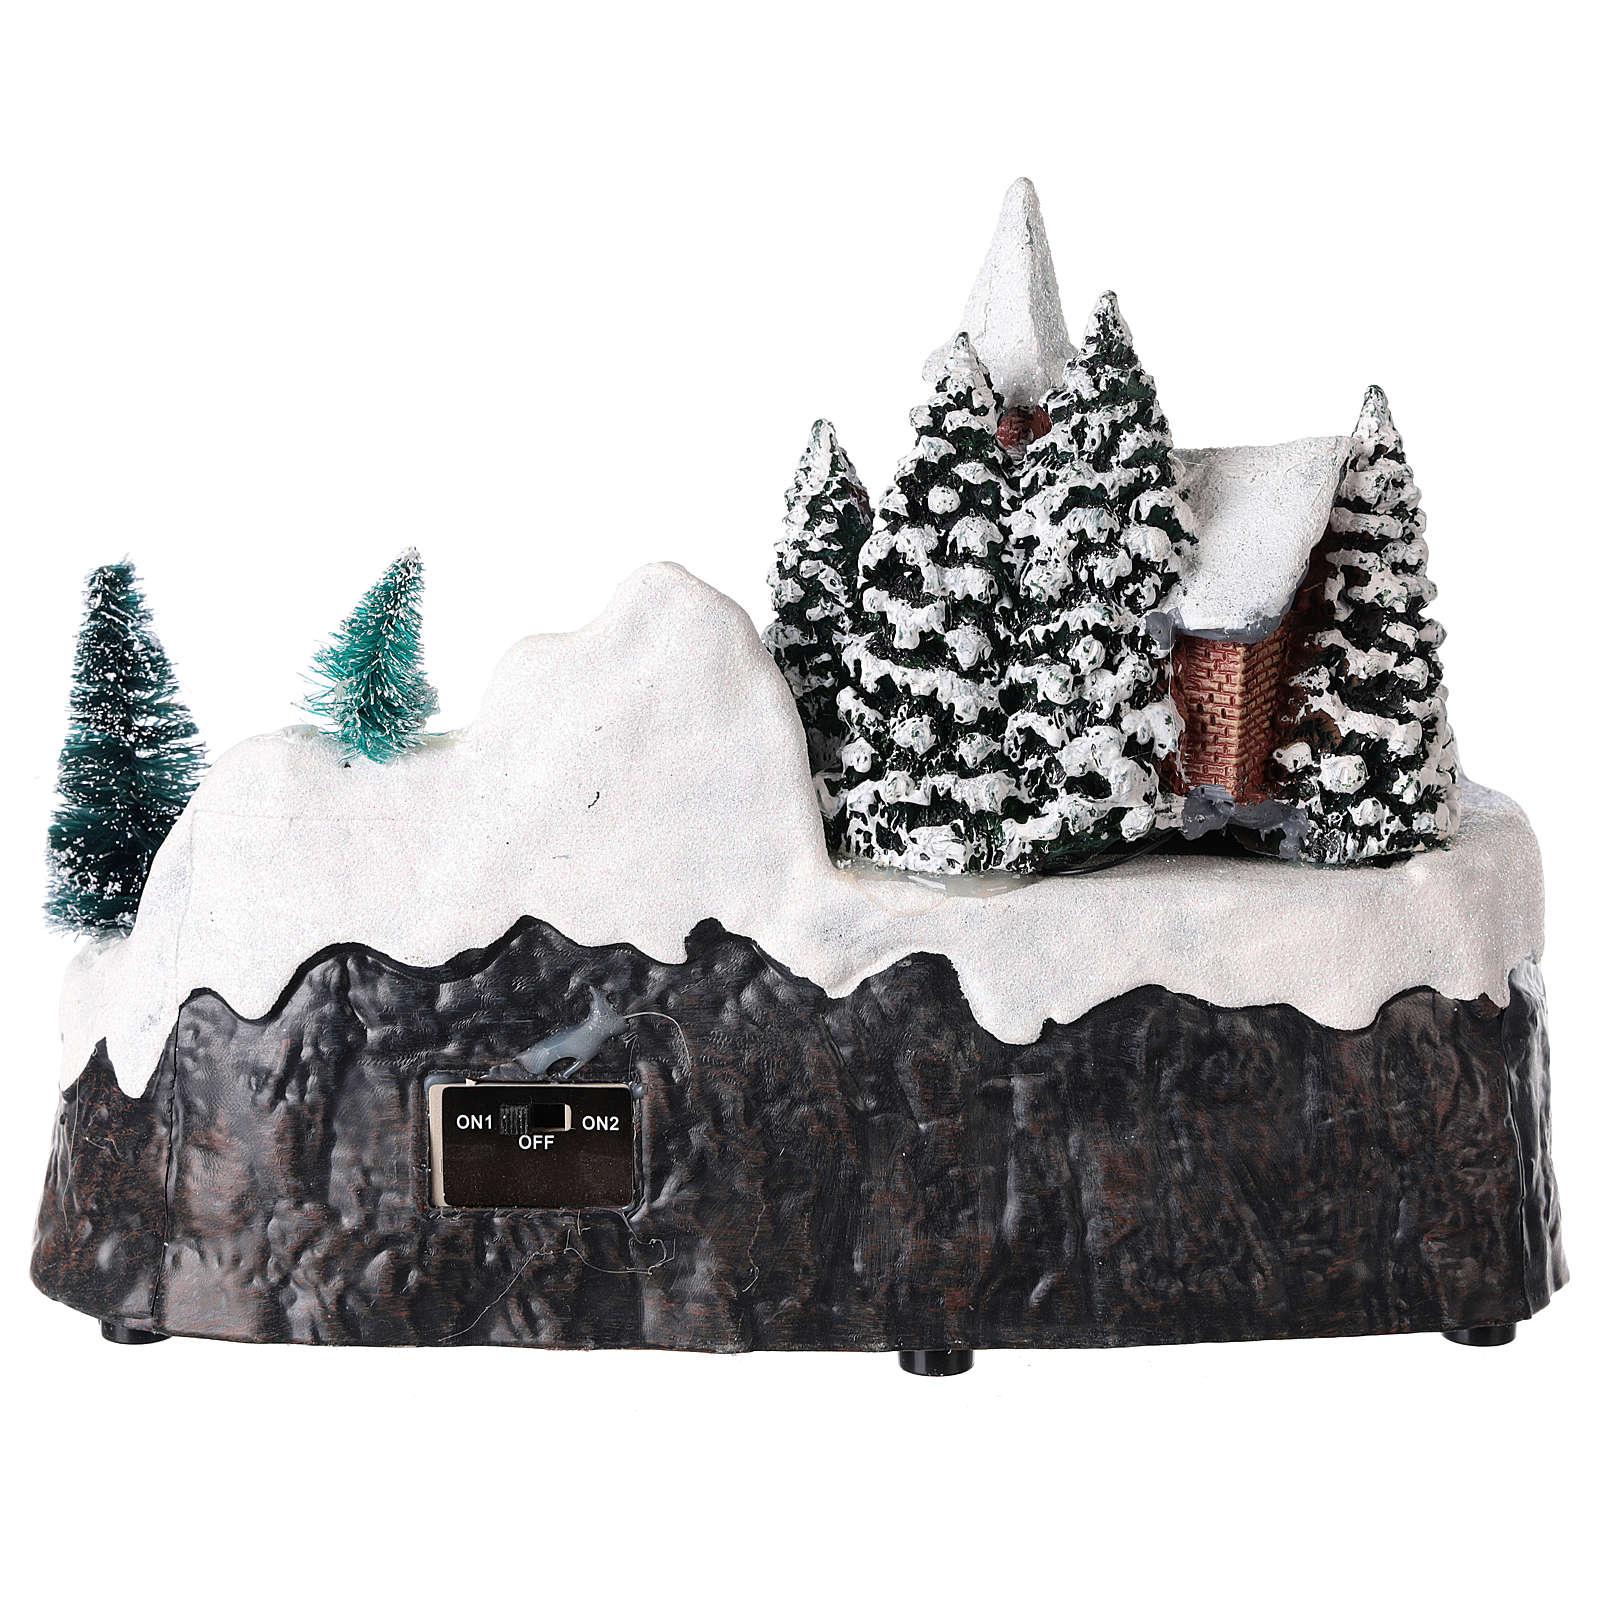 Village de Noël avec église et chute d'eau éclairée 20x25x15 cm 3